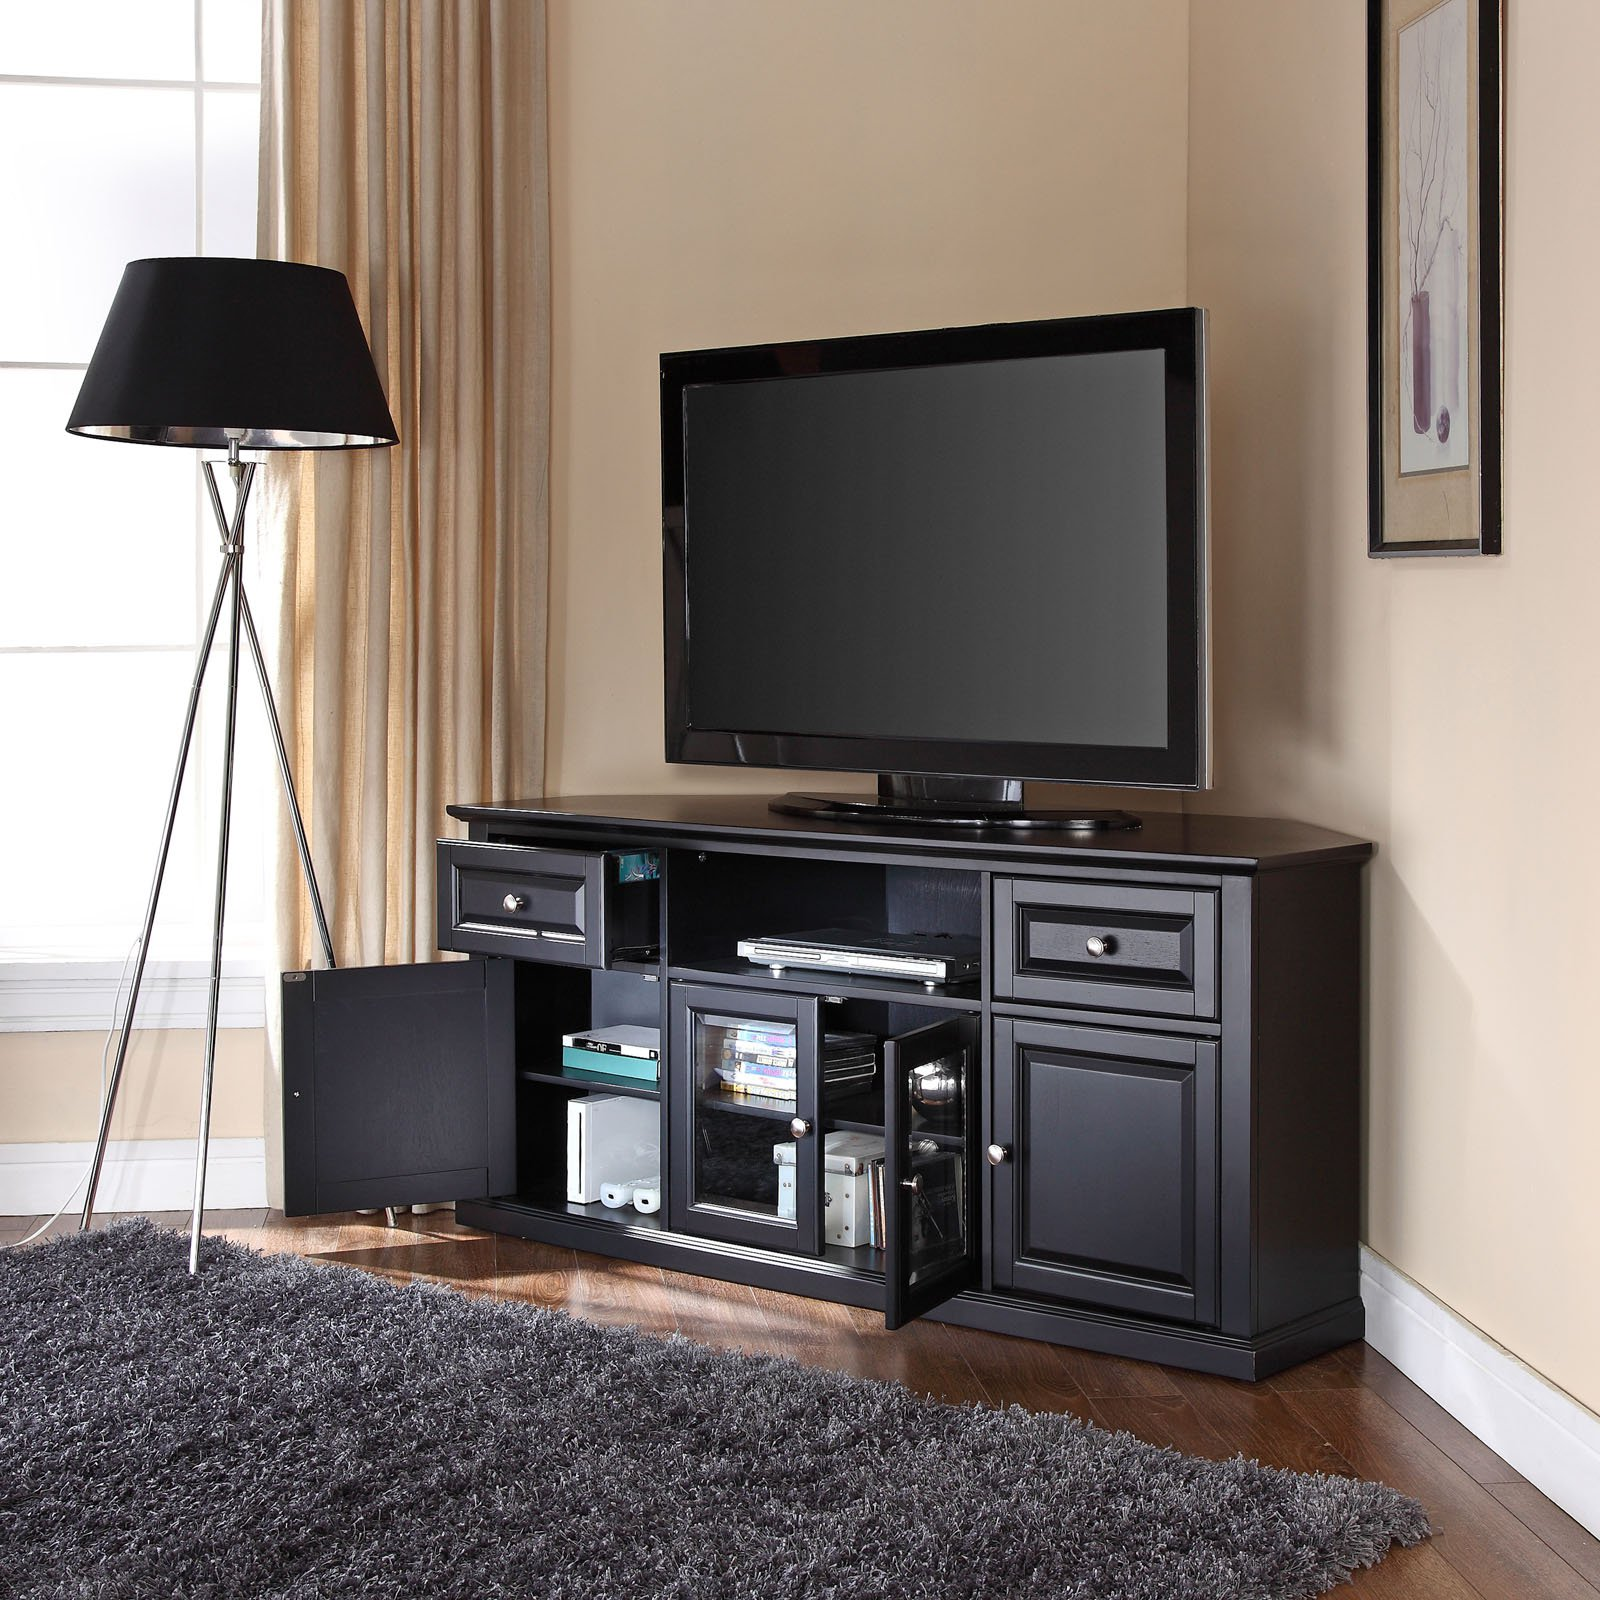 Imágenes de televisiones instaladas en un rincón